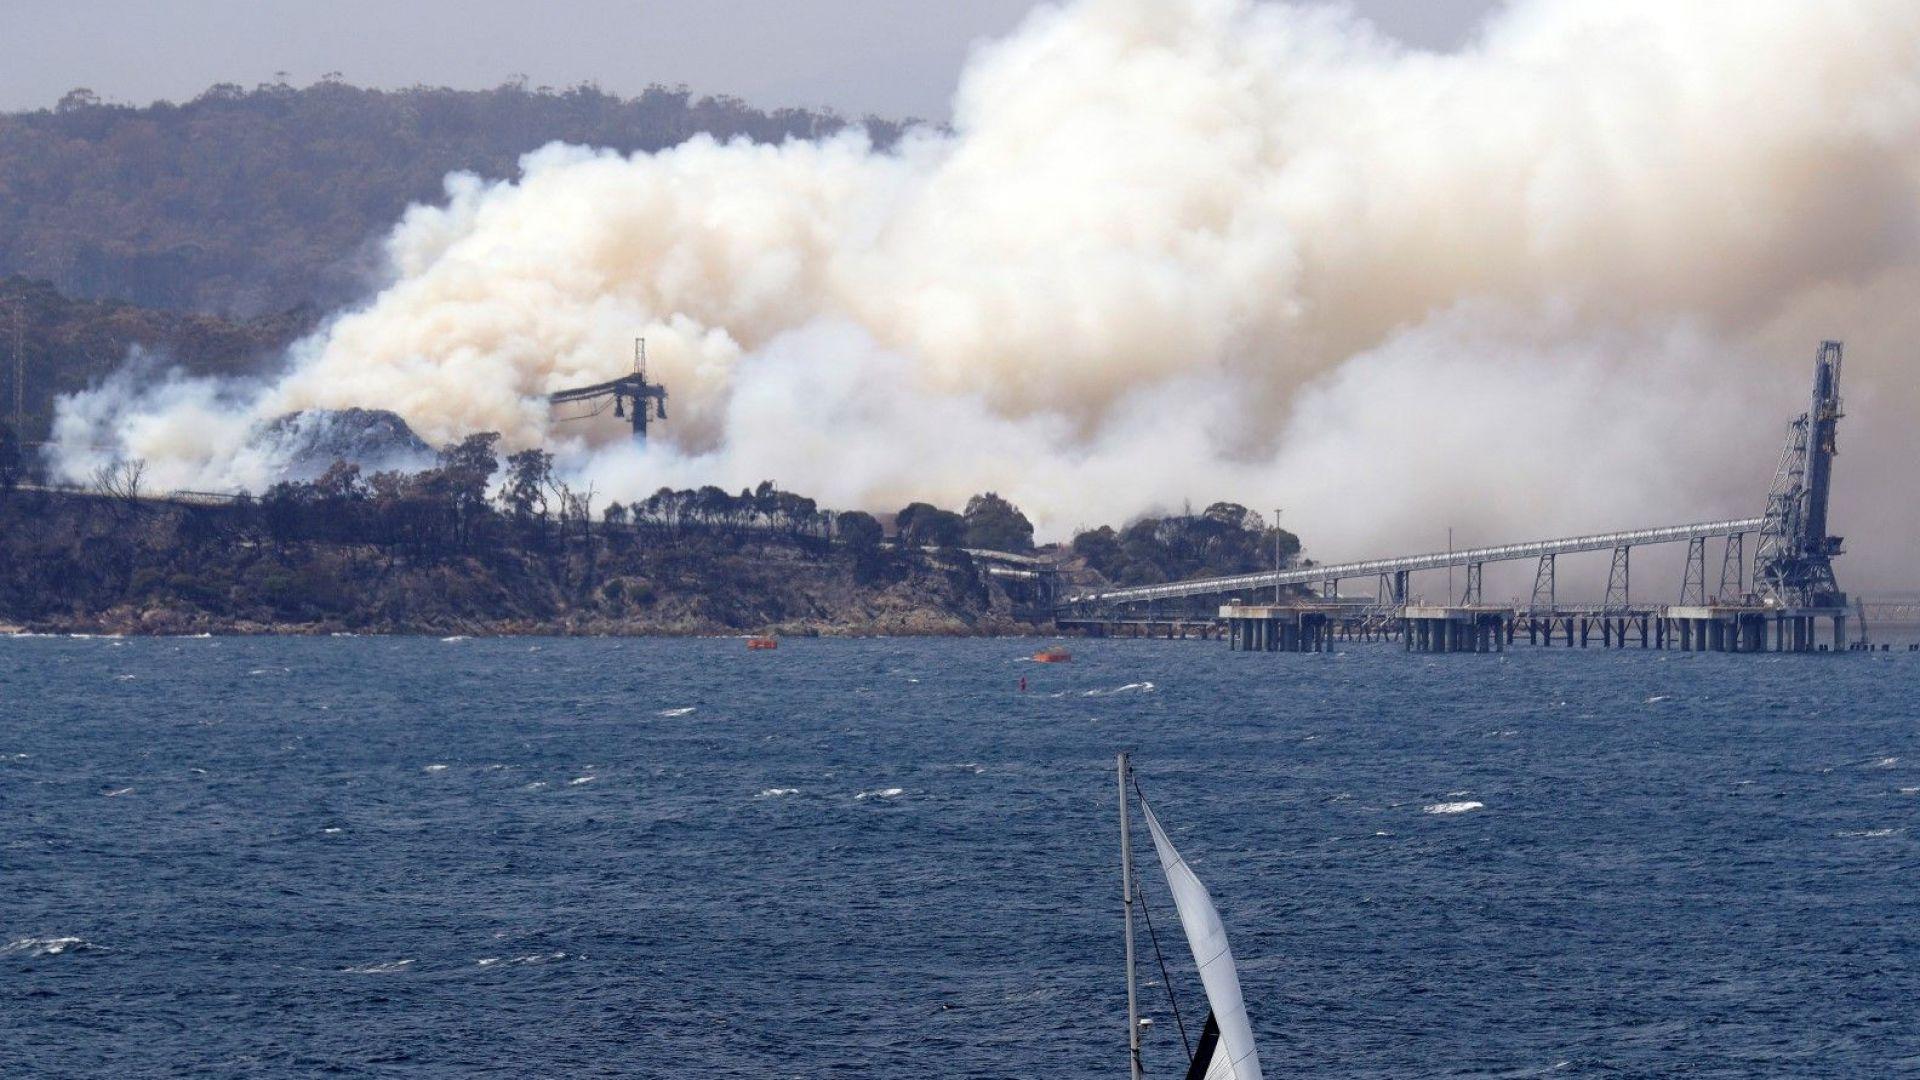 Австралия иска туристите с право на работа в страната да помогнат за възстановяването от пожарите